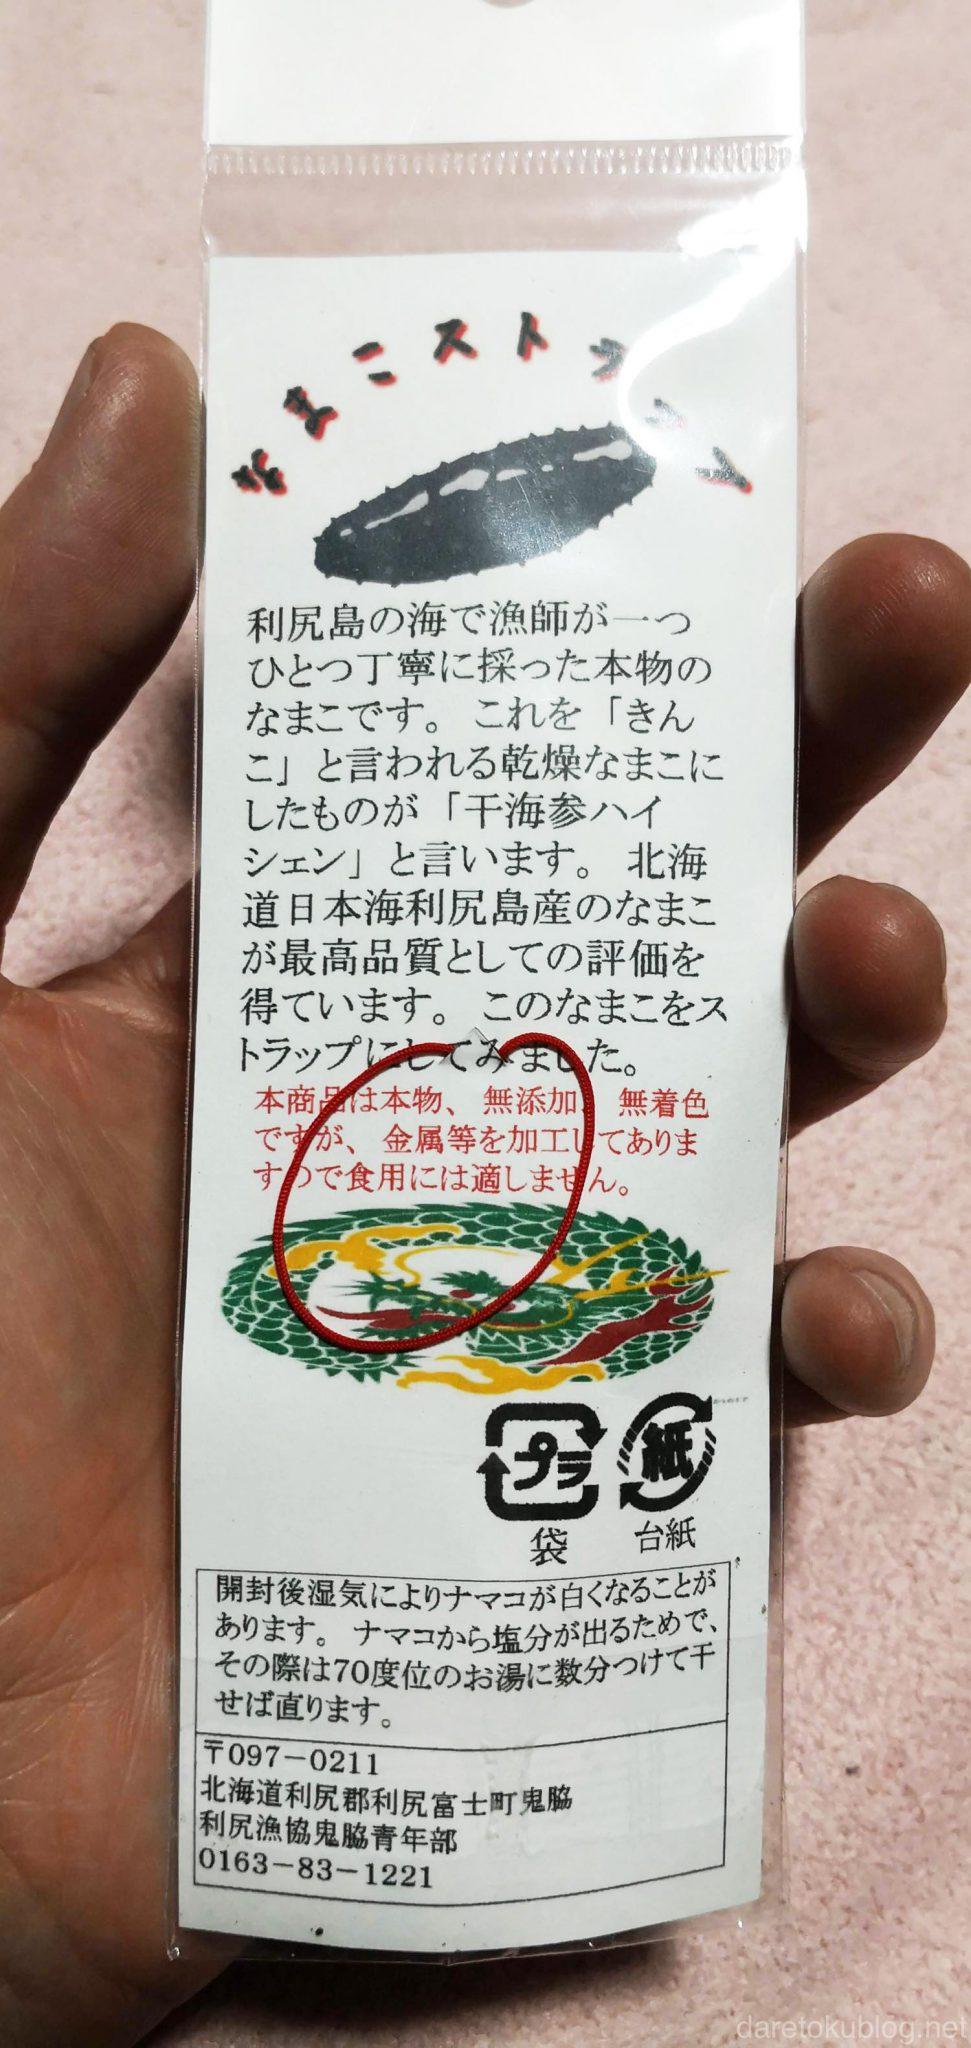 利尻島 なまこストラップ